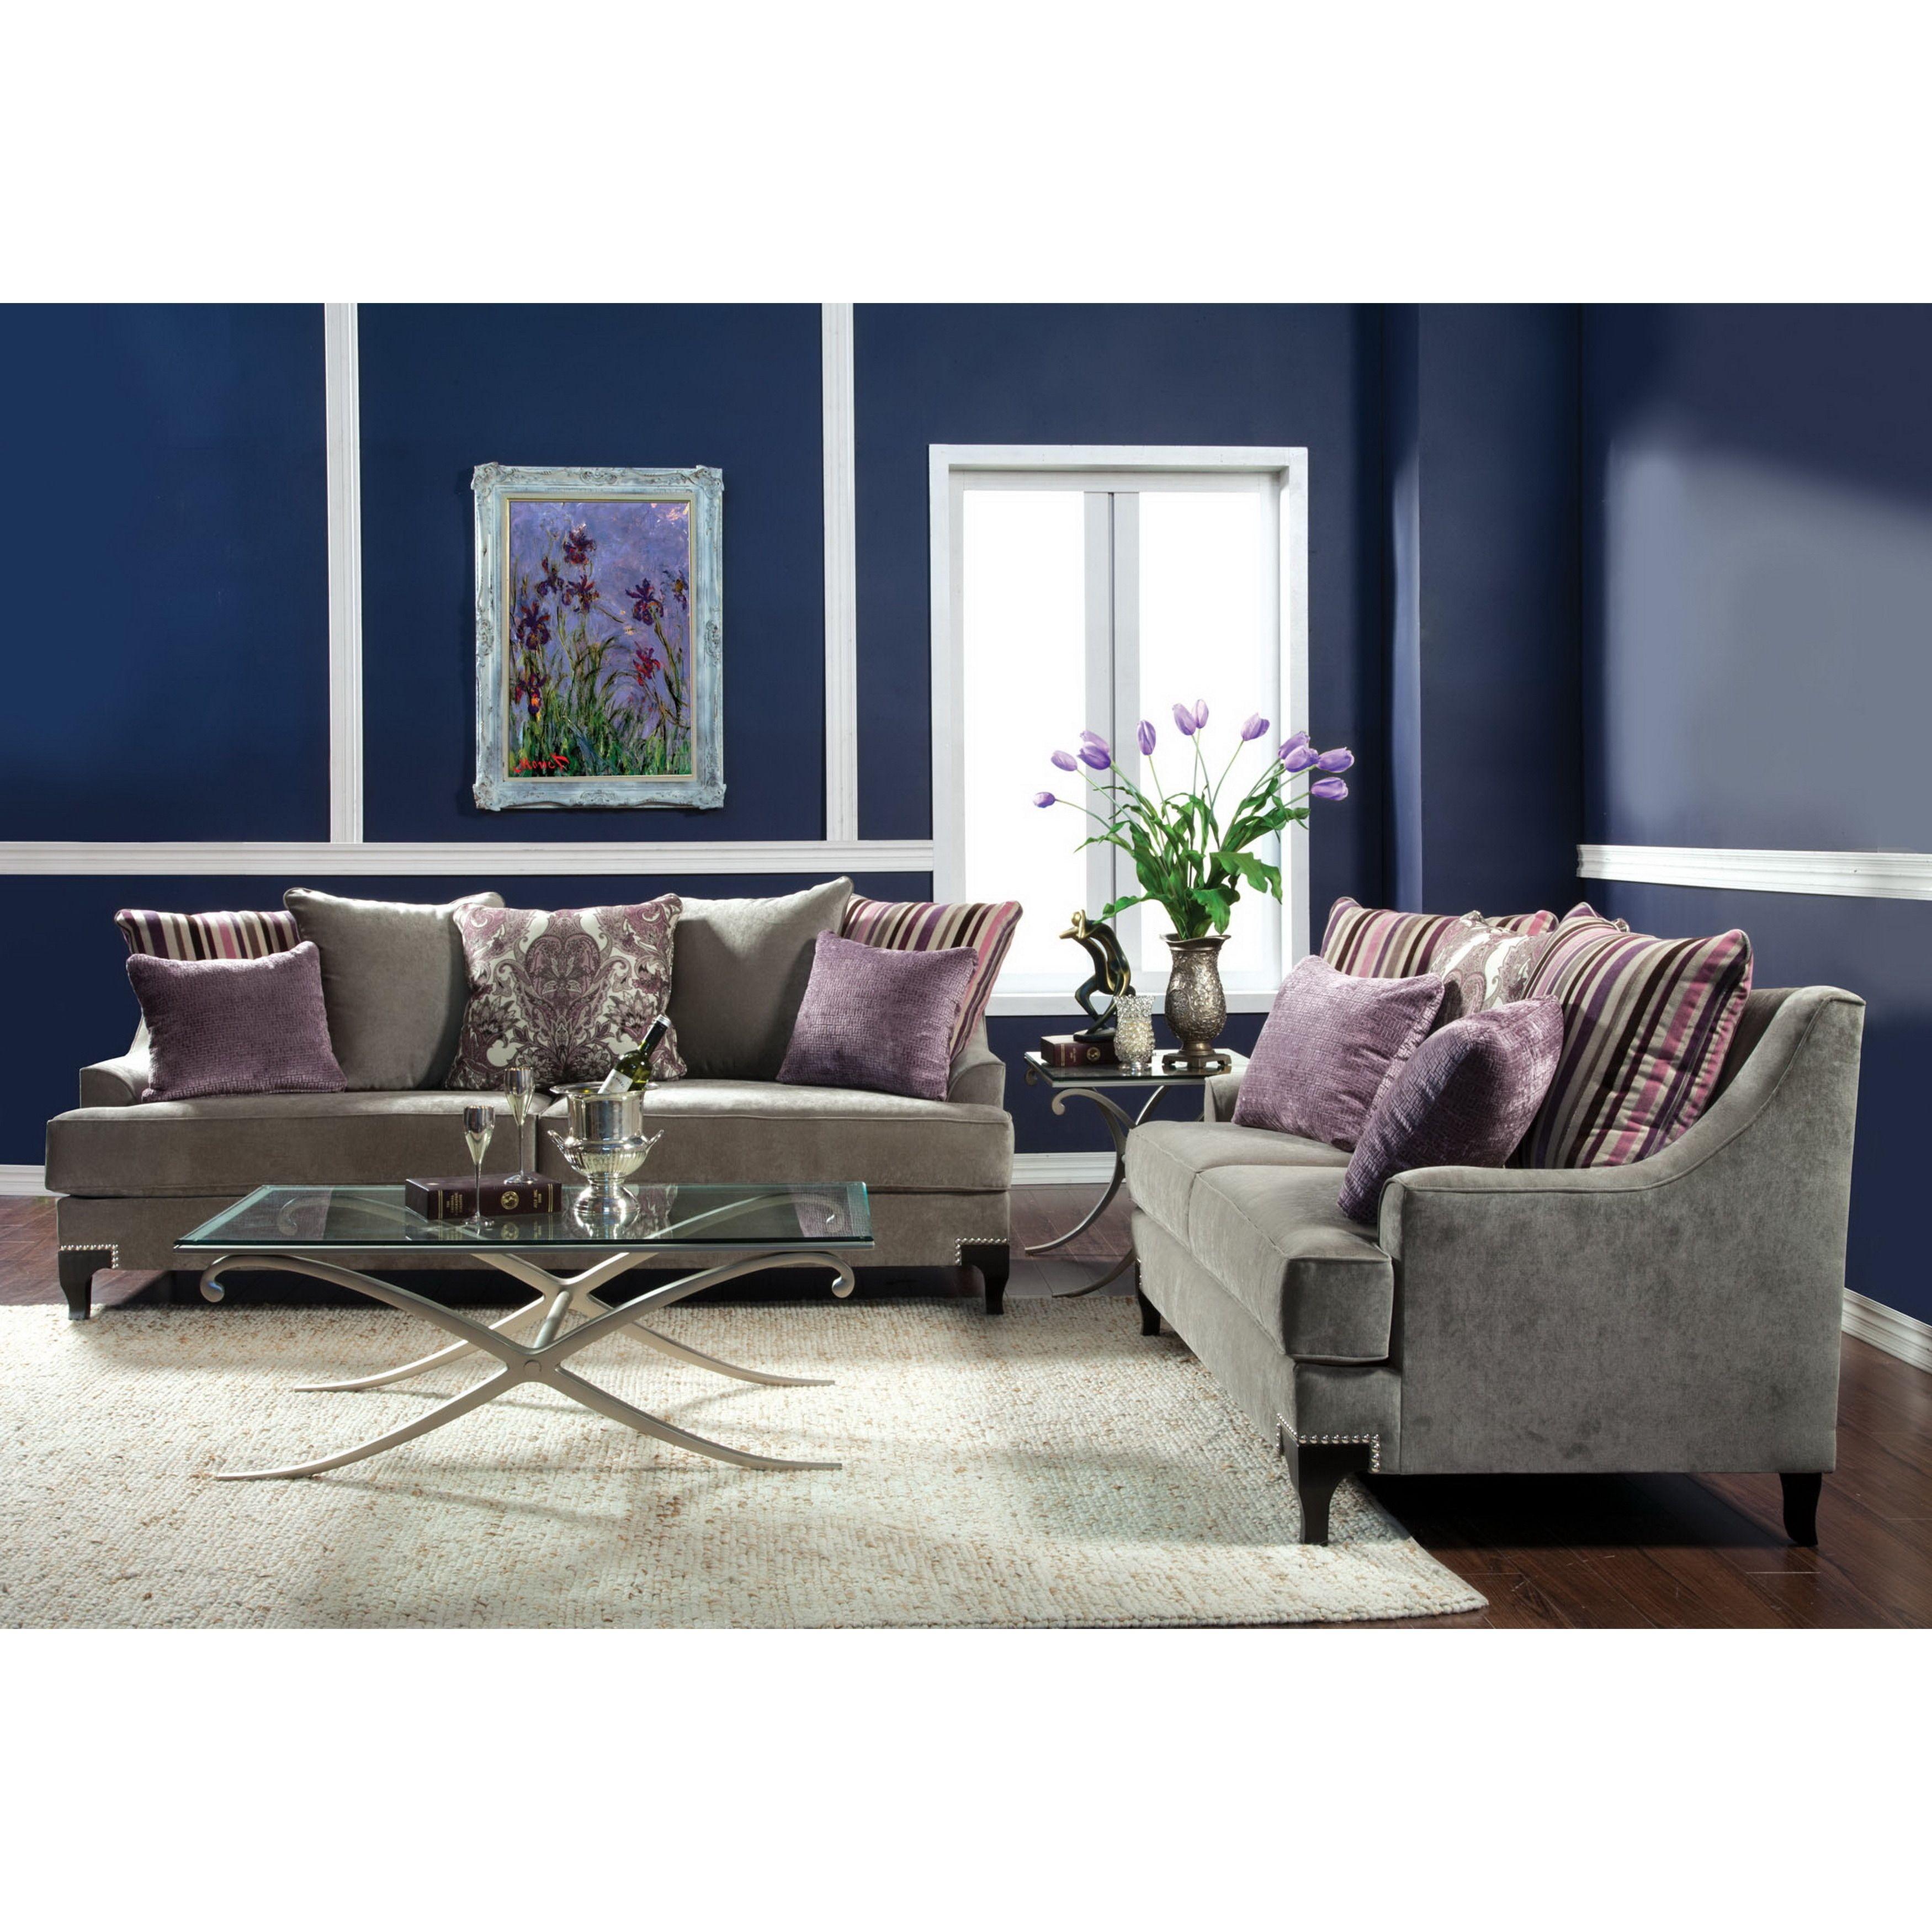 Furniture of America Visconti 2 piece Premium Velvet Sofa and